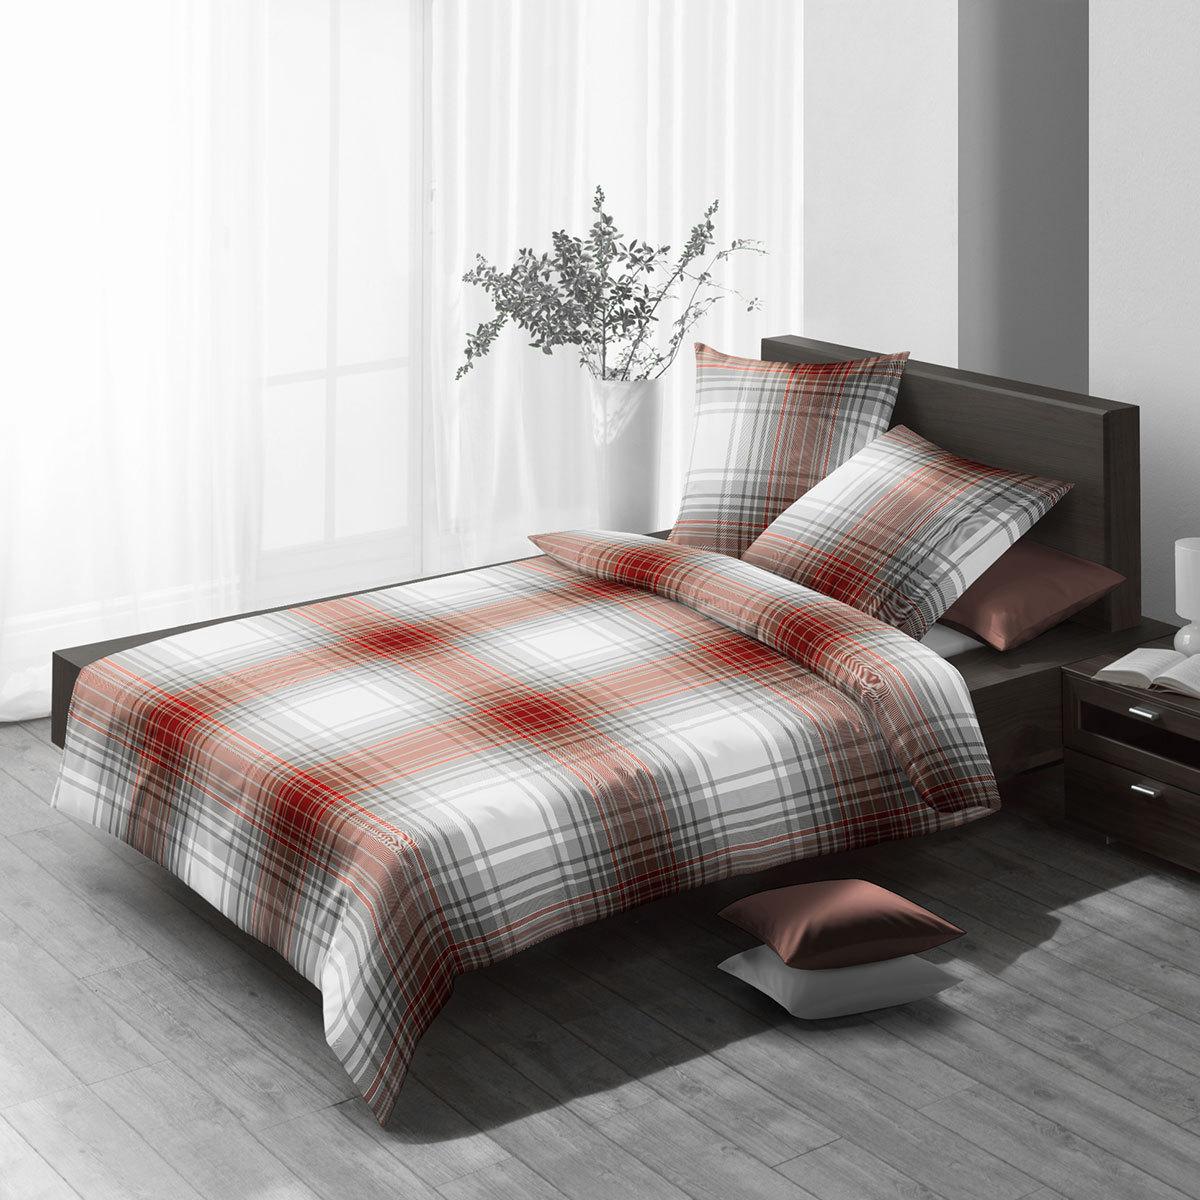 fleuresse edelflanell bettw sche 602949 24 burgund g nstig online kaufen bei bettwaren shop. Black Bedroom Furniture Sets. Home Design Ideas